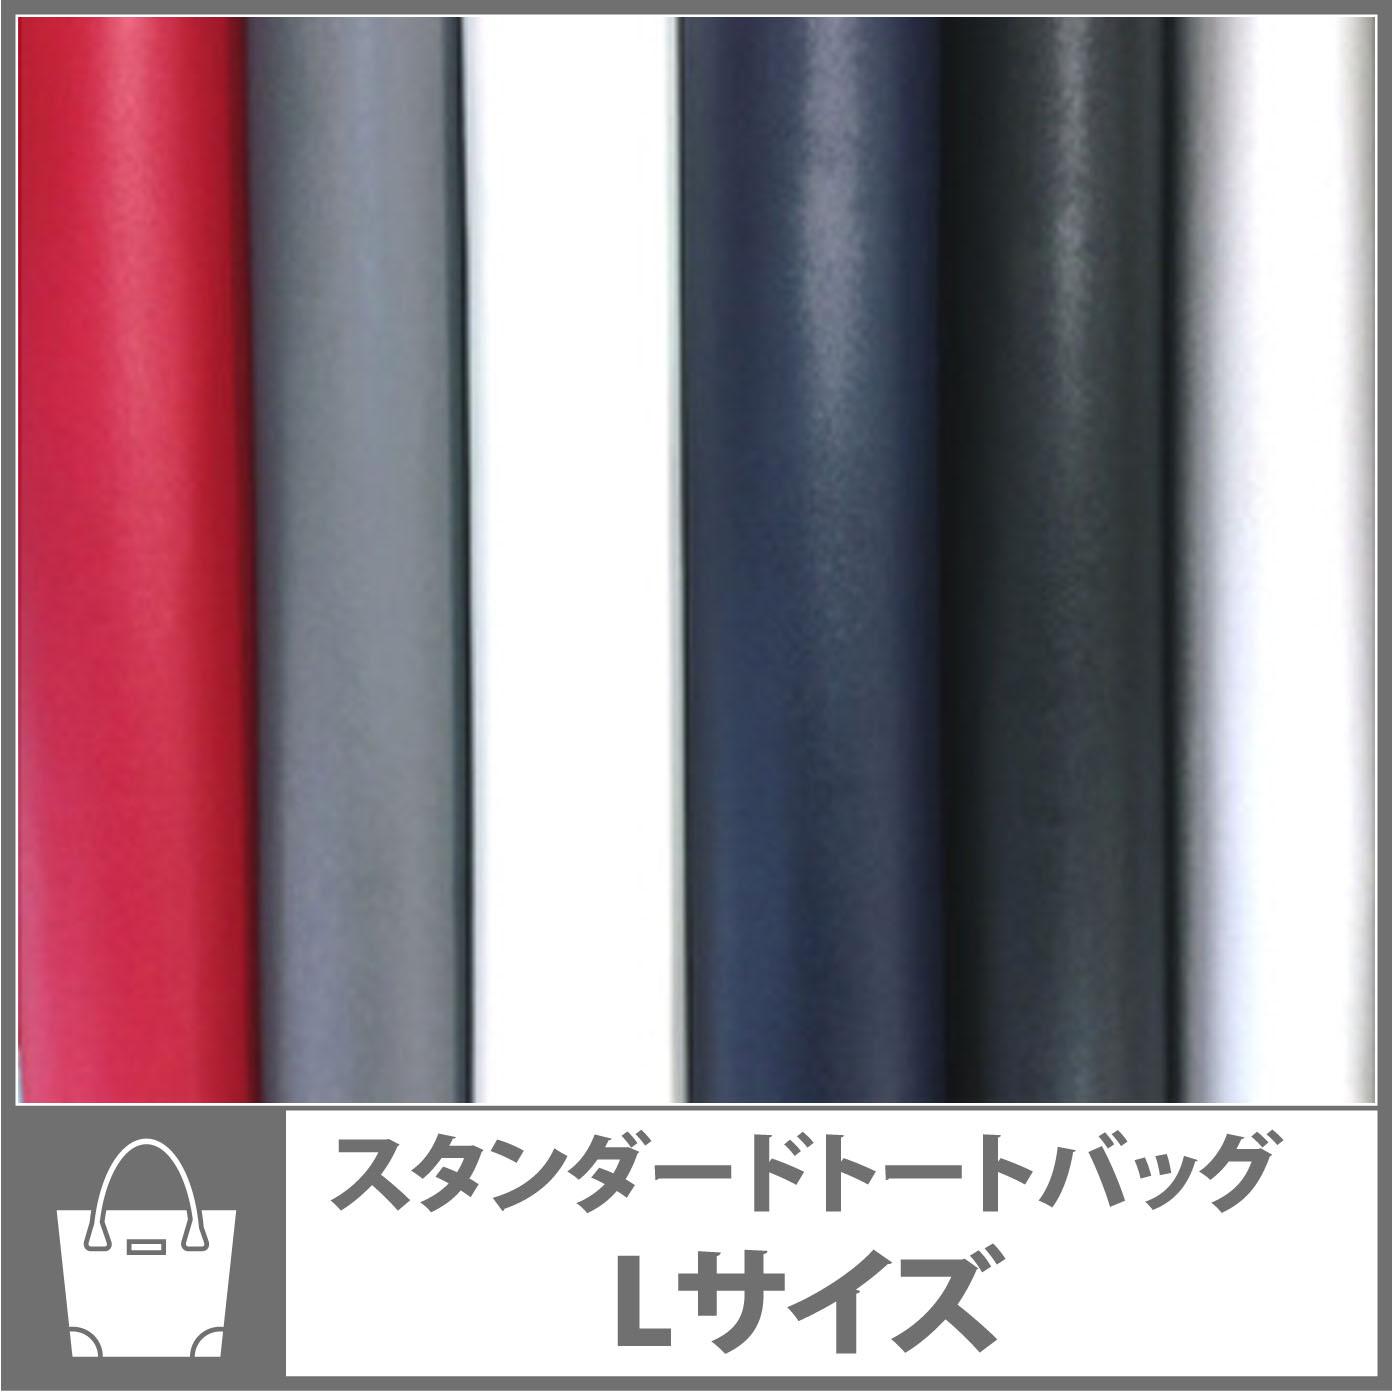 画像1: 【合成皮革スタンダードトートバッグLサイズ「Y-21」材料キット】◆表布約50cm※裏布は含まれておりません